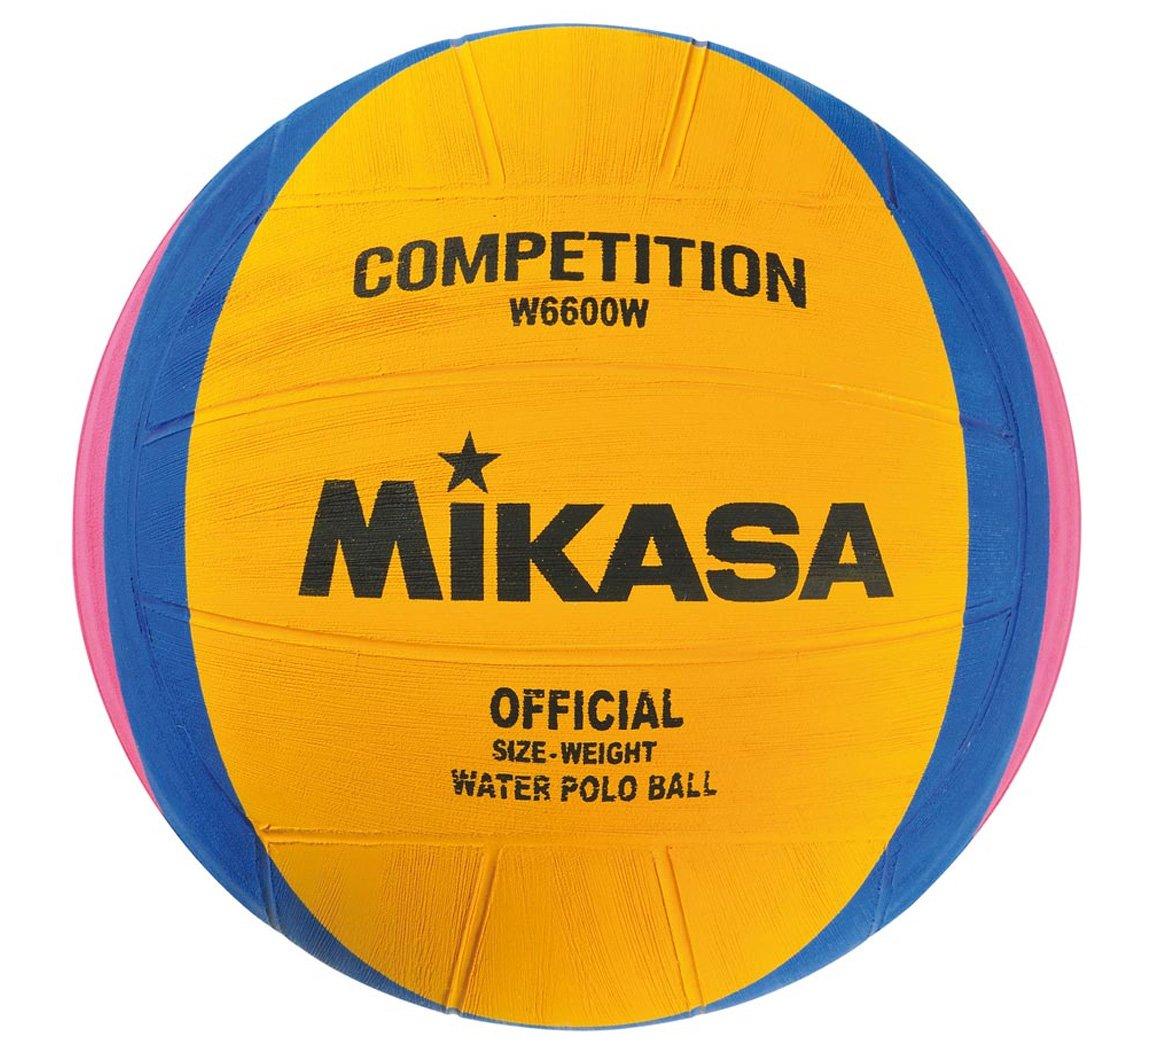 MIKASA Waterpolo tamaño de la Bola 5: Amazon.es: Deportes y aire libre